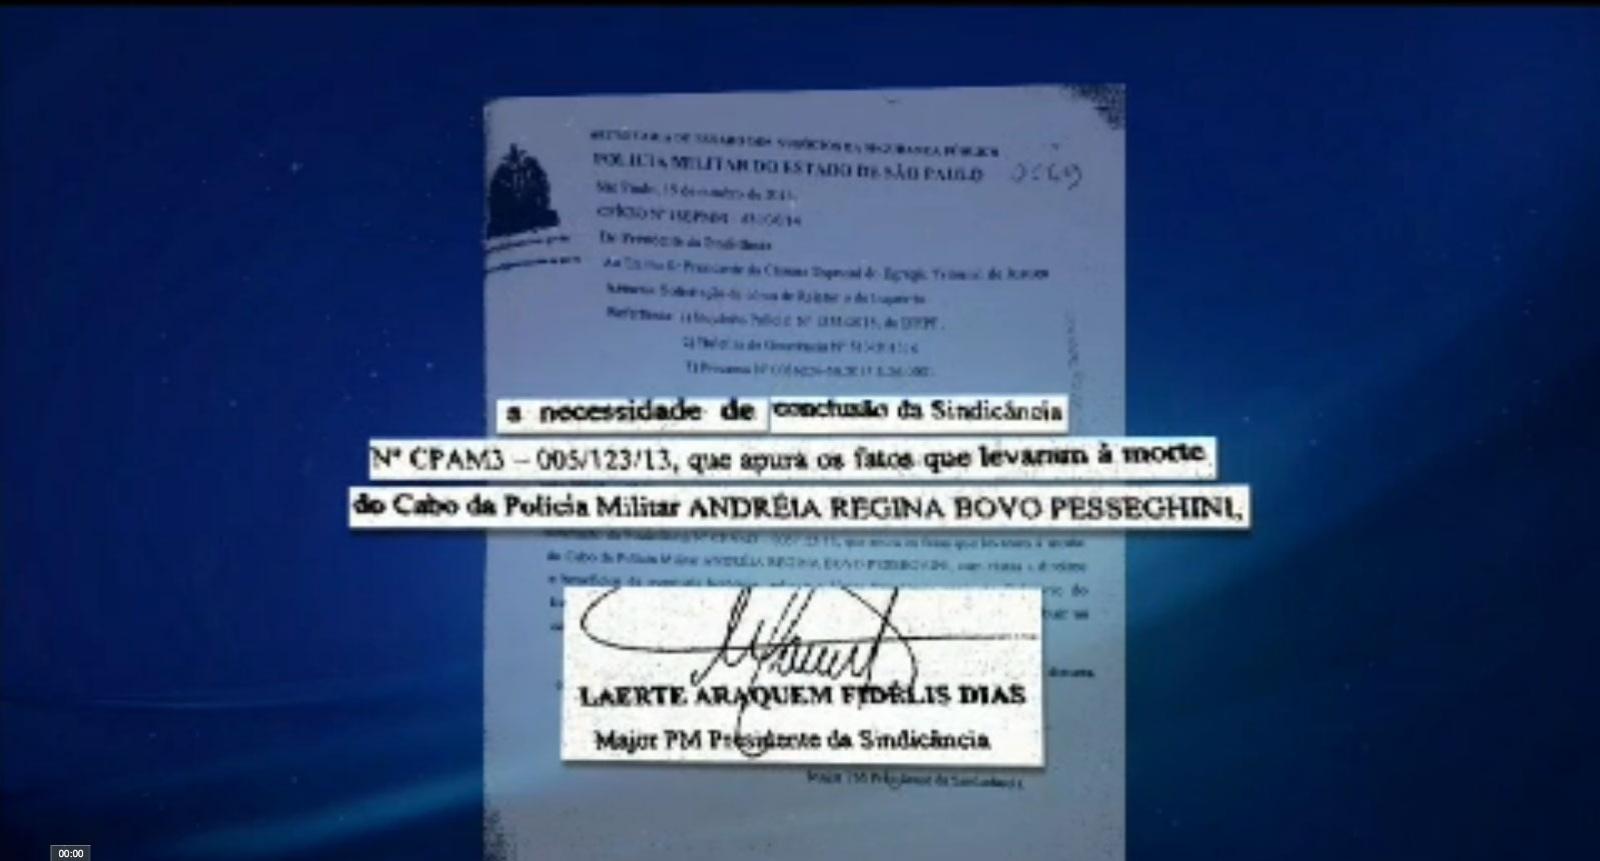 7.fev.2015 - Um ano e meio depois, ainda restam dúvidas sobre a versão oficial da chacina de uma família de PMs na zona norte de São Paulo. Um inquérito que apontou como único suspeito o menino Marcelo Pesseghini, de 13 anos, acabou sendo arquivado pela justiça. O Jornal da Band apurou que a Polícia Militar continuou investigando o caso. Um documento obtido com exclusividade pelo Jornal da Band põe mais uma interrogação no caso. No dia 15 de outubro de 2014, a PM pediu ao órgão especial do Tribunal de Justiça uma cópia do relatório do inquérito policial que já tinha sido concluído. A justificativa assinada pelo major Laerte Fidelis diz que existe a necessidade de conclusão da sindicância que apura os fatos que levaram à morte da cabo Andréia Regina Bovo Pesseghini. A sindicância tentava esclarecer as denúncias de corrupção feitas pela cabo Andréia no 18º batalhão da Polícia Militar